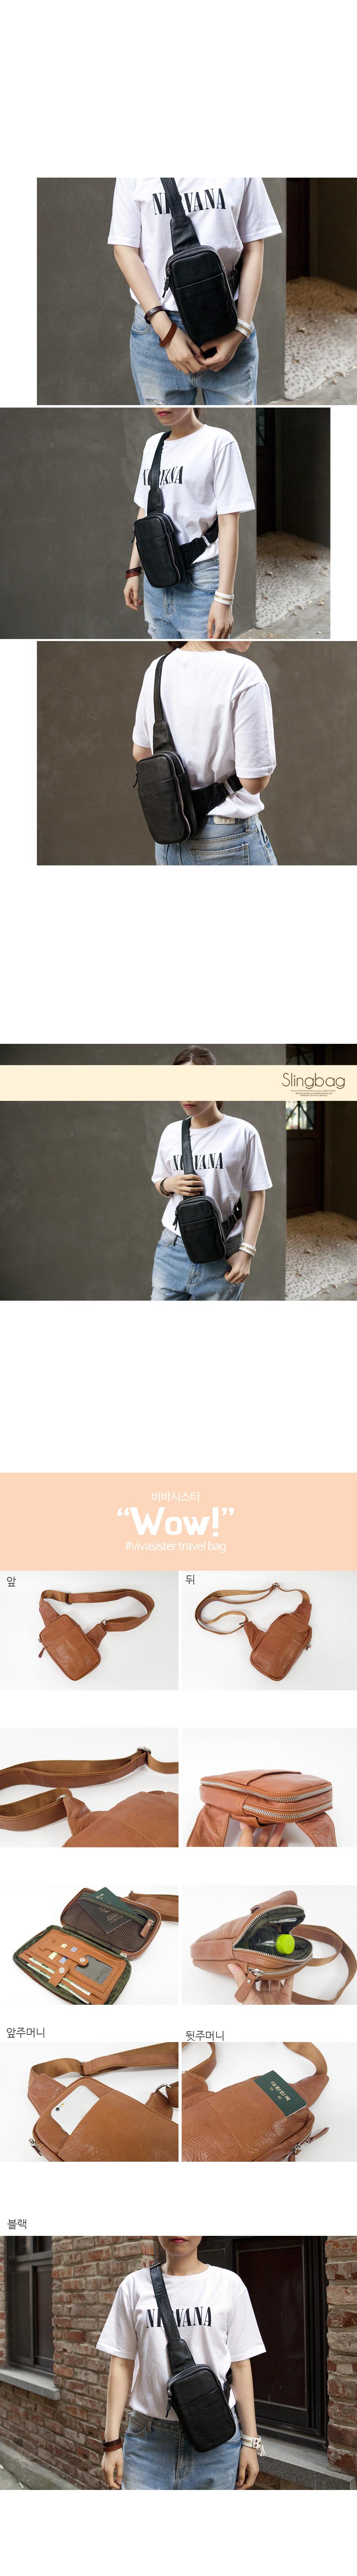 사각가죽크로스힙색슬링백 - 비바시스터, 82,800원, 크로스백, 가죽크로스백